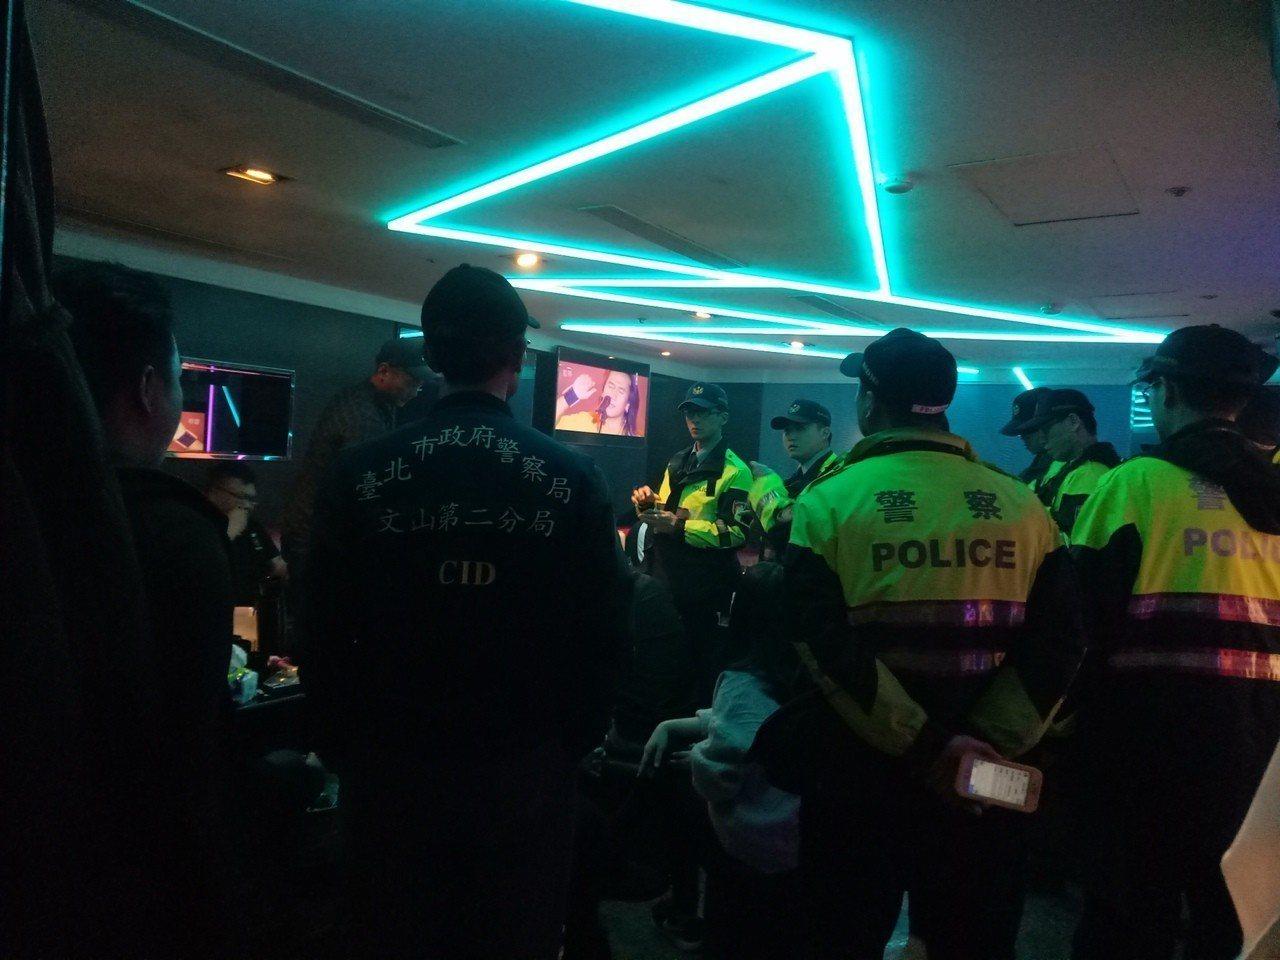 為防制幫派聚眾鬥毆、暴力事件破壞社會秩序,台北市警方3月12起發動為期3日的掃黑...